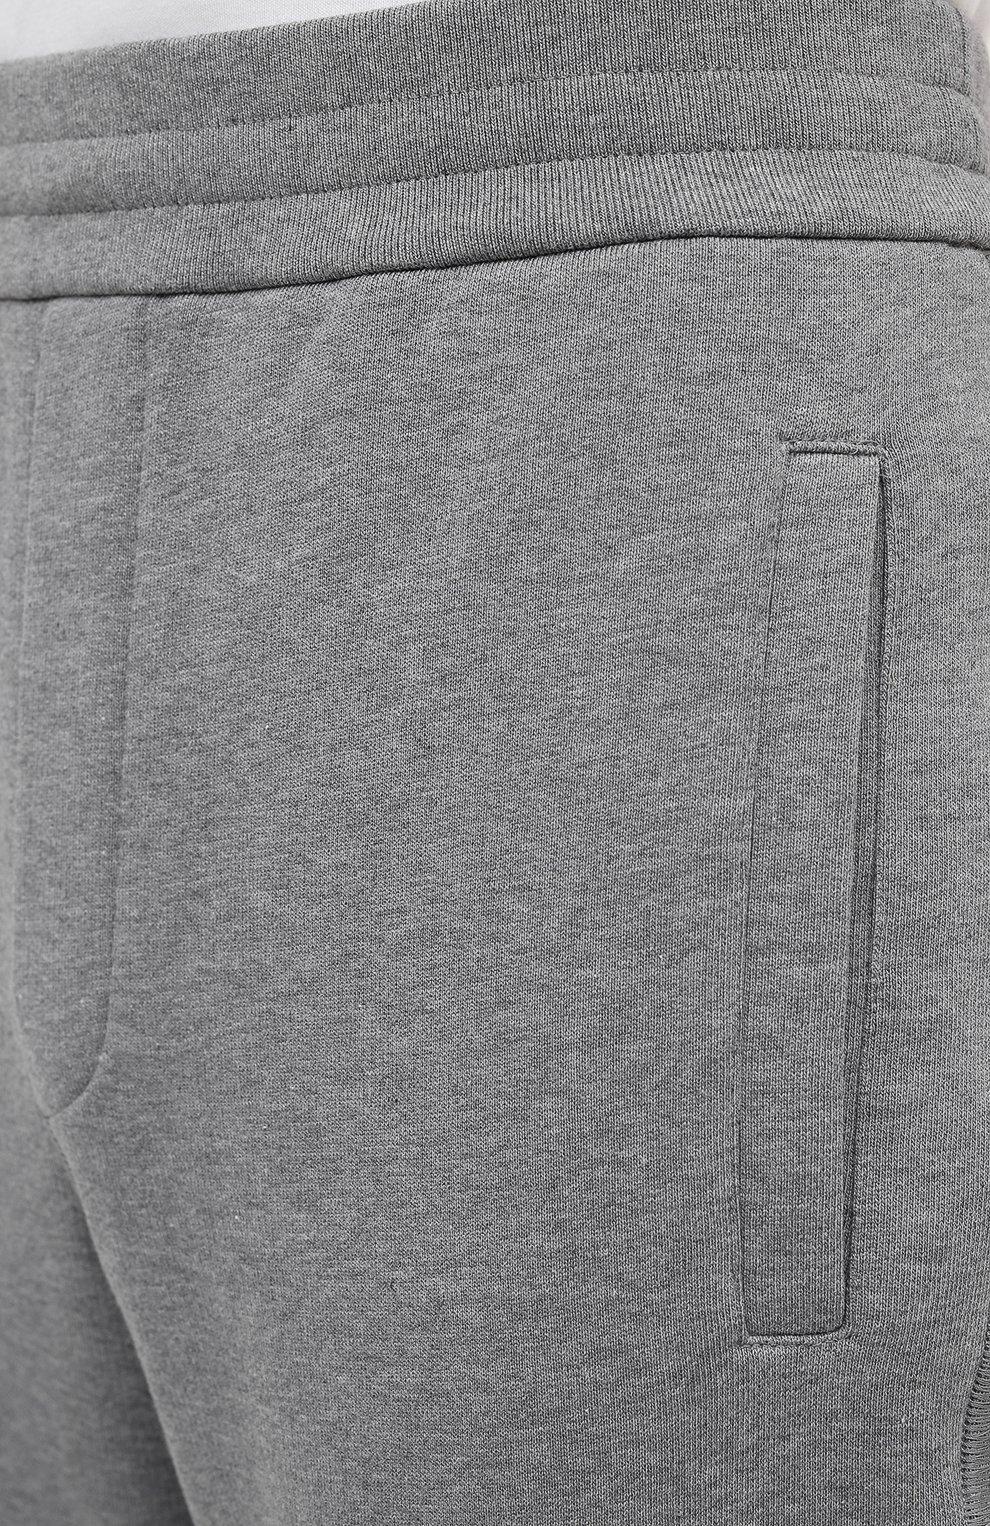 Мужские хлопковые брюки BRIONI серого цвета, арт. UJDJ0L/09630   Фото 5 (Мужское Кросс-КТ: Брюки-трикотаж; Длина (брюки, джинсы): Стандартные; Случай: Повседневный; Материал внешний: Хлопок; Стили: Спорт-шик)